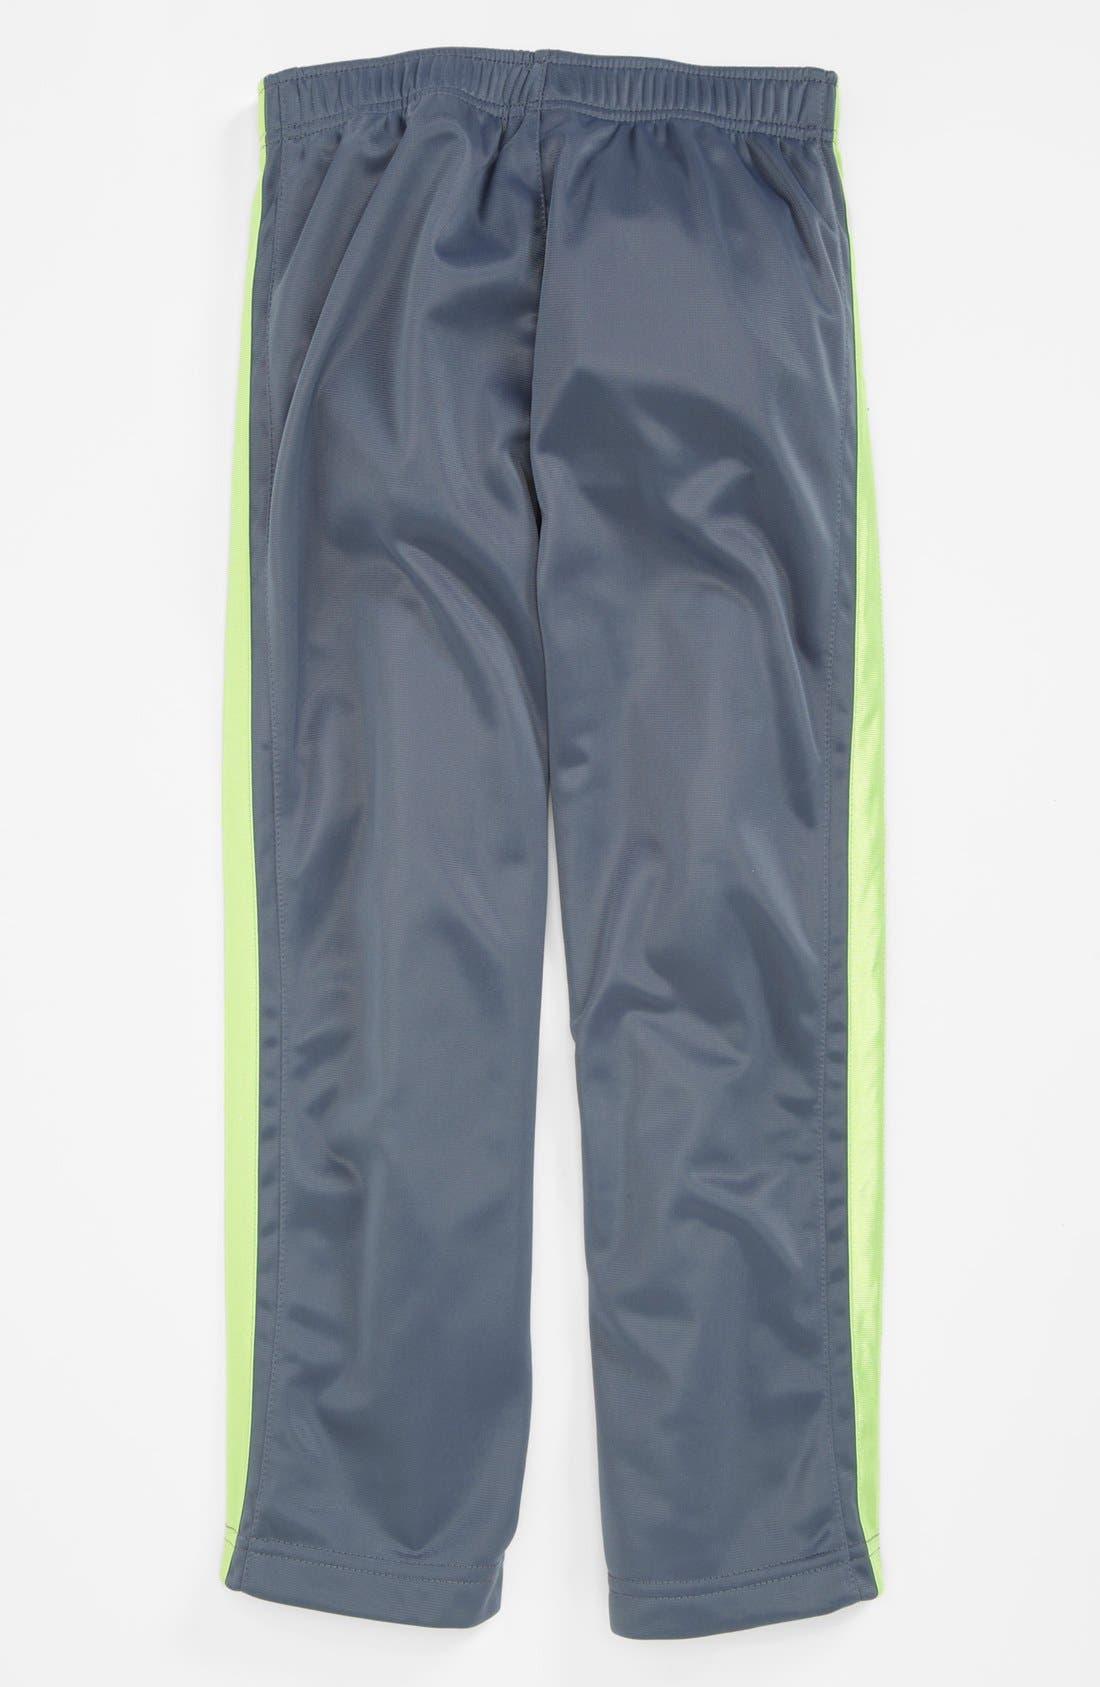 Main Image - Nike 'OT' Pants (Little Boys)